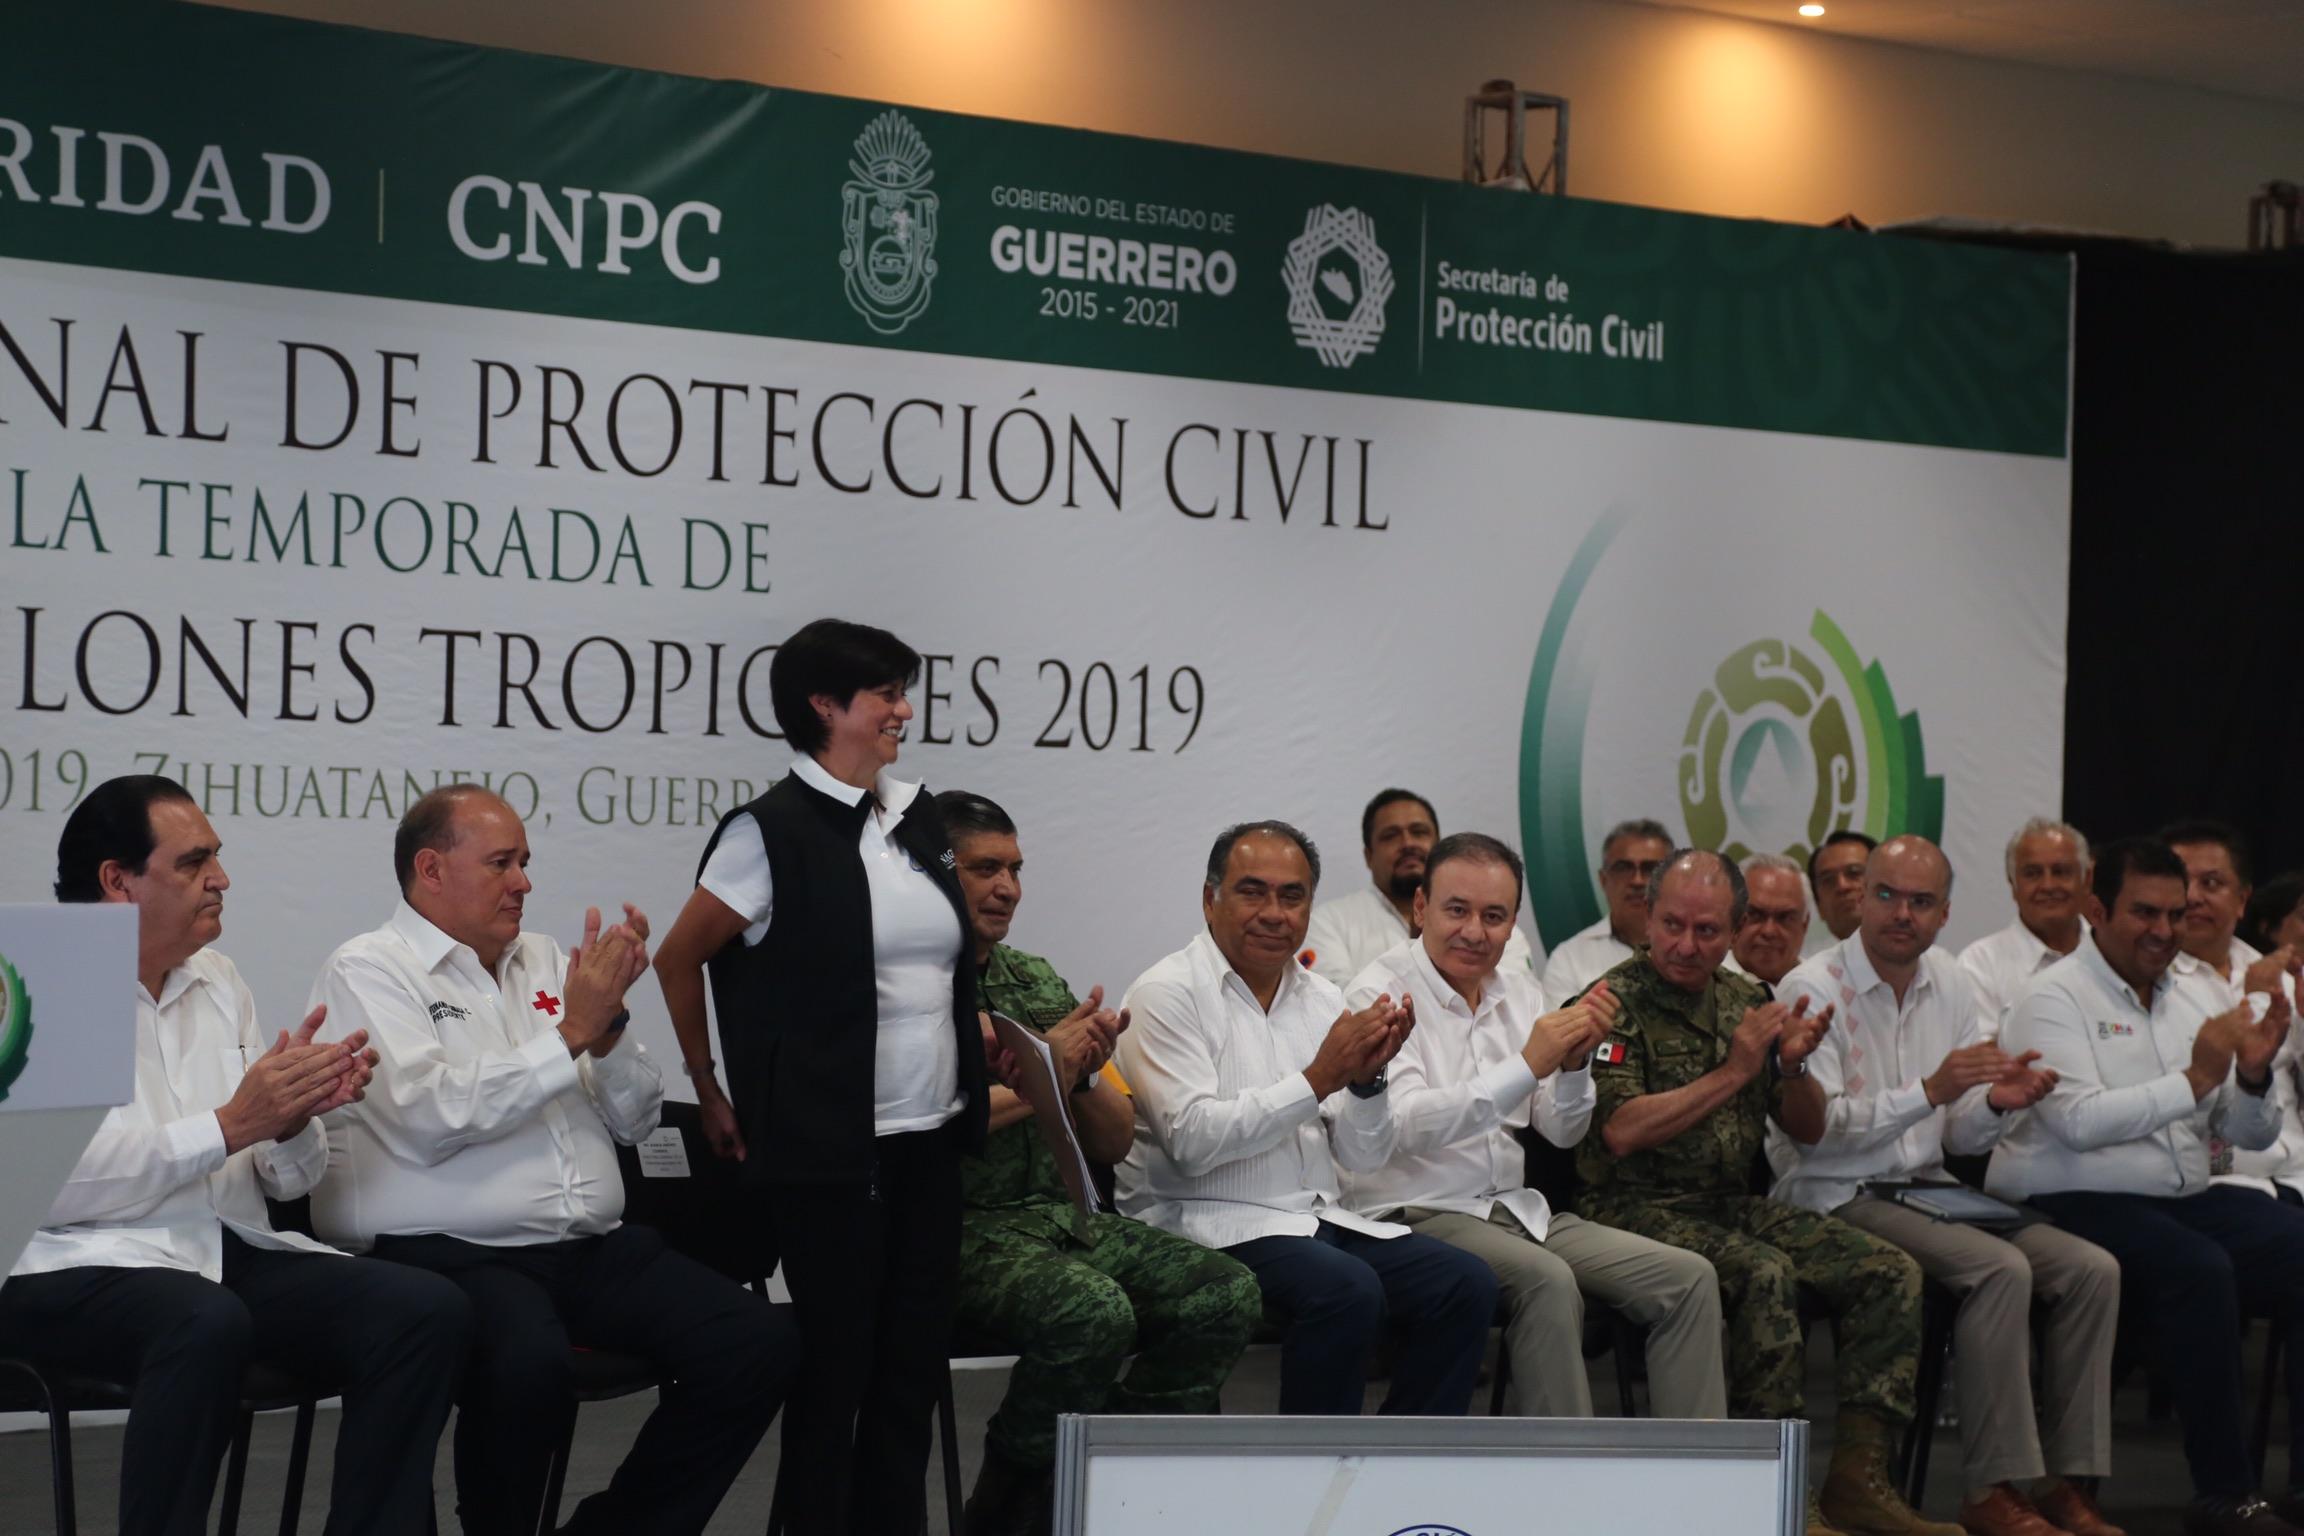 La Directora General de la Conagua, Blanca Jiménez Cisneros, presentó el pronóstico de ciclones tropicales para la temporada 2019, durante la Reunión Nacional de Protección Civil.